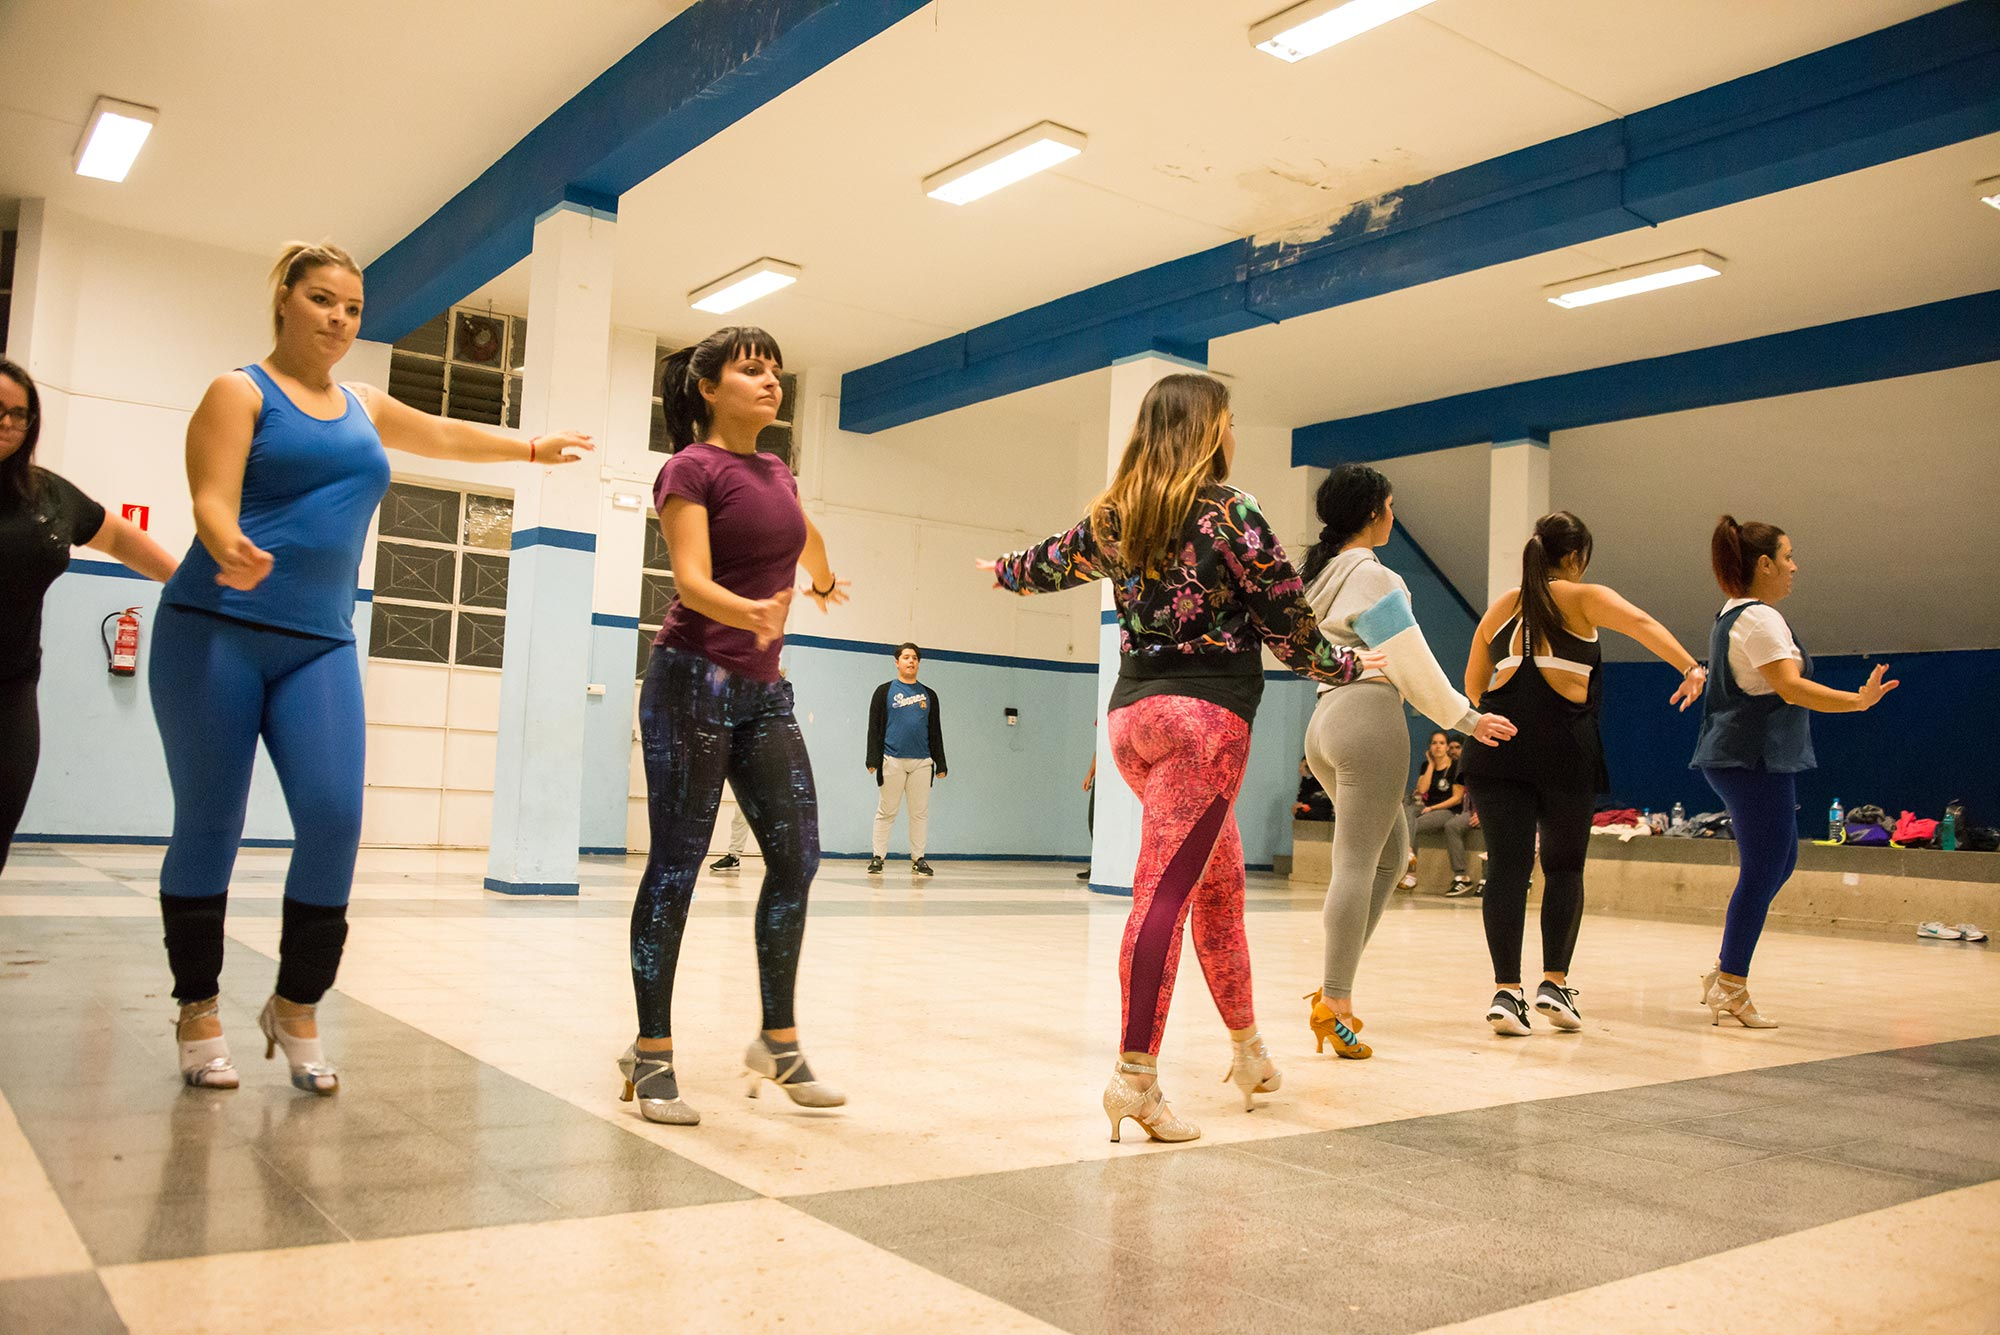 bailar tacones